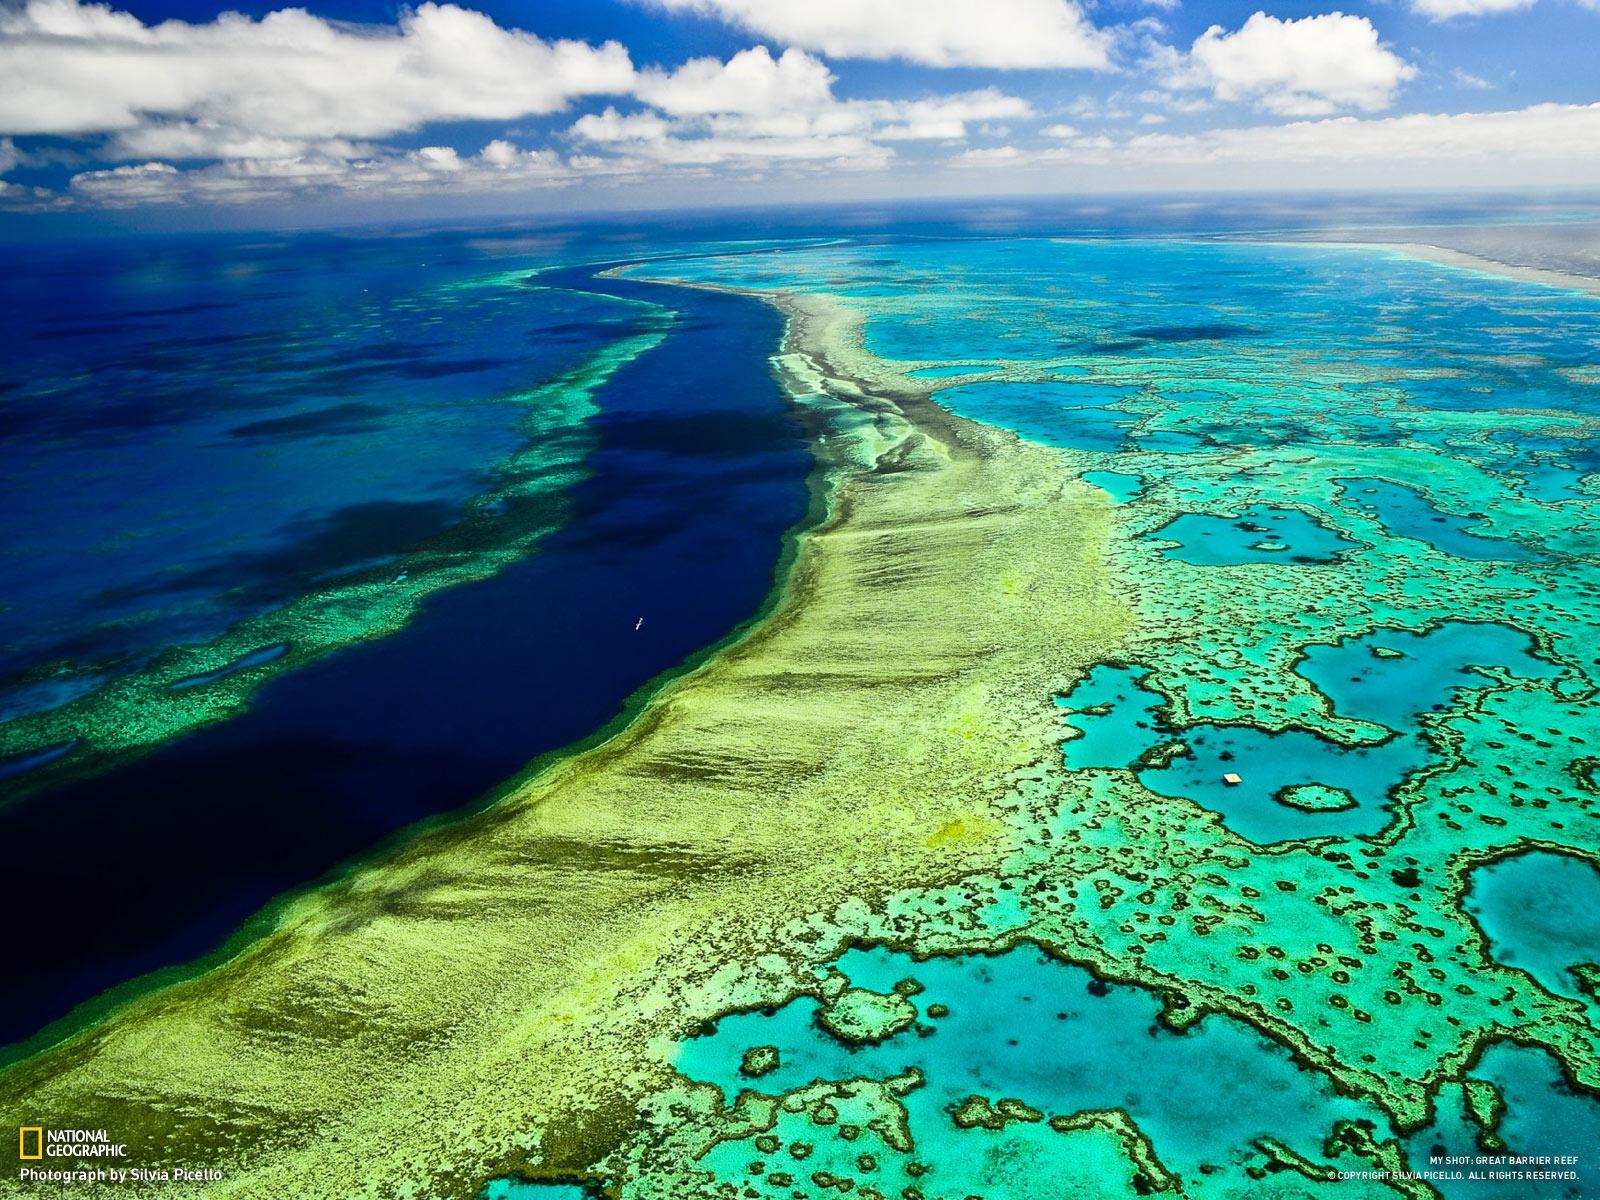 https://www.publico.pt/2018/04/29/ciencia/noticia/australia-vai-recuperar-a-grande-barreira-de-coral-1815735